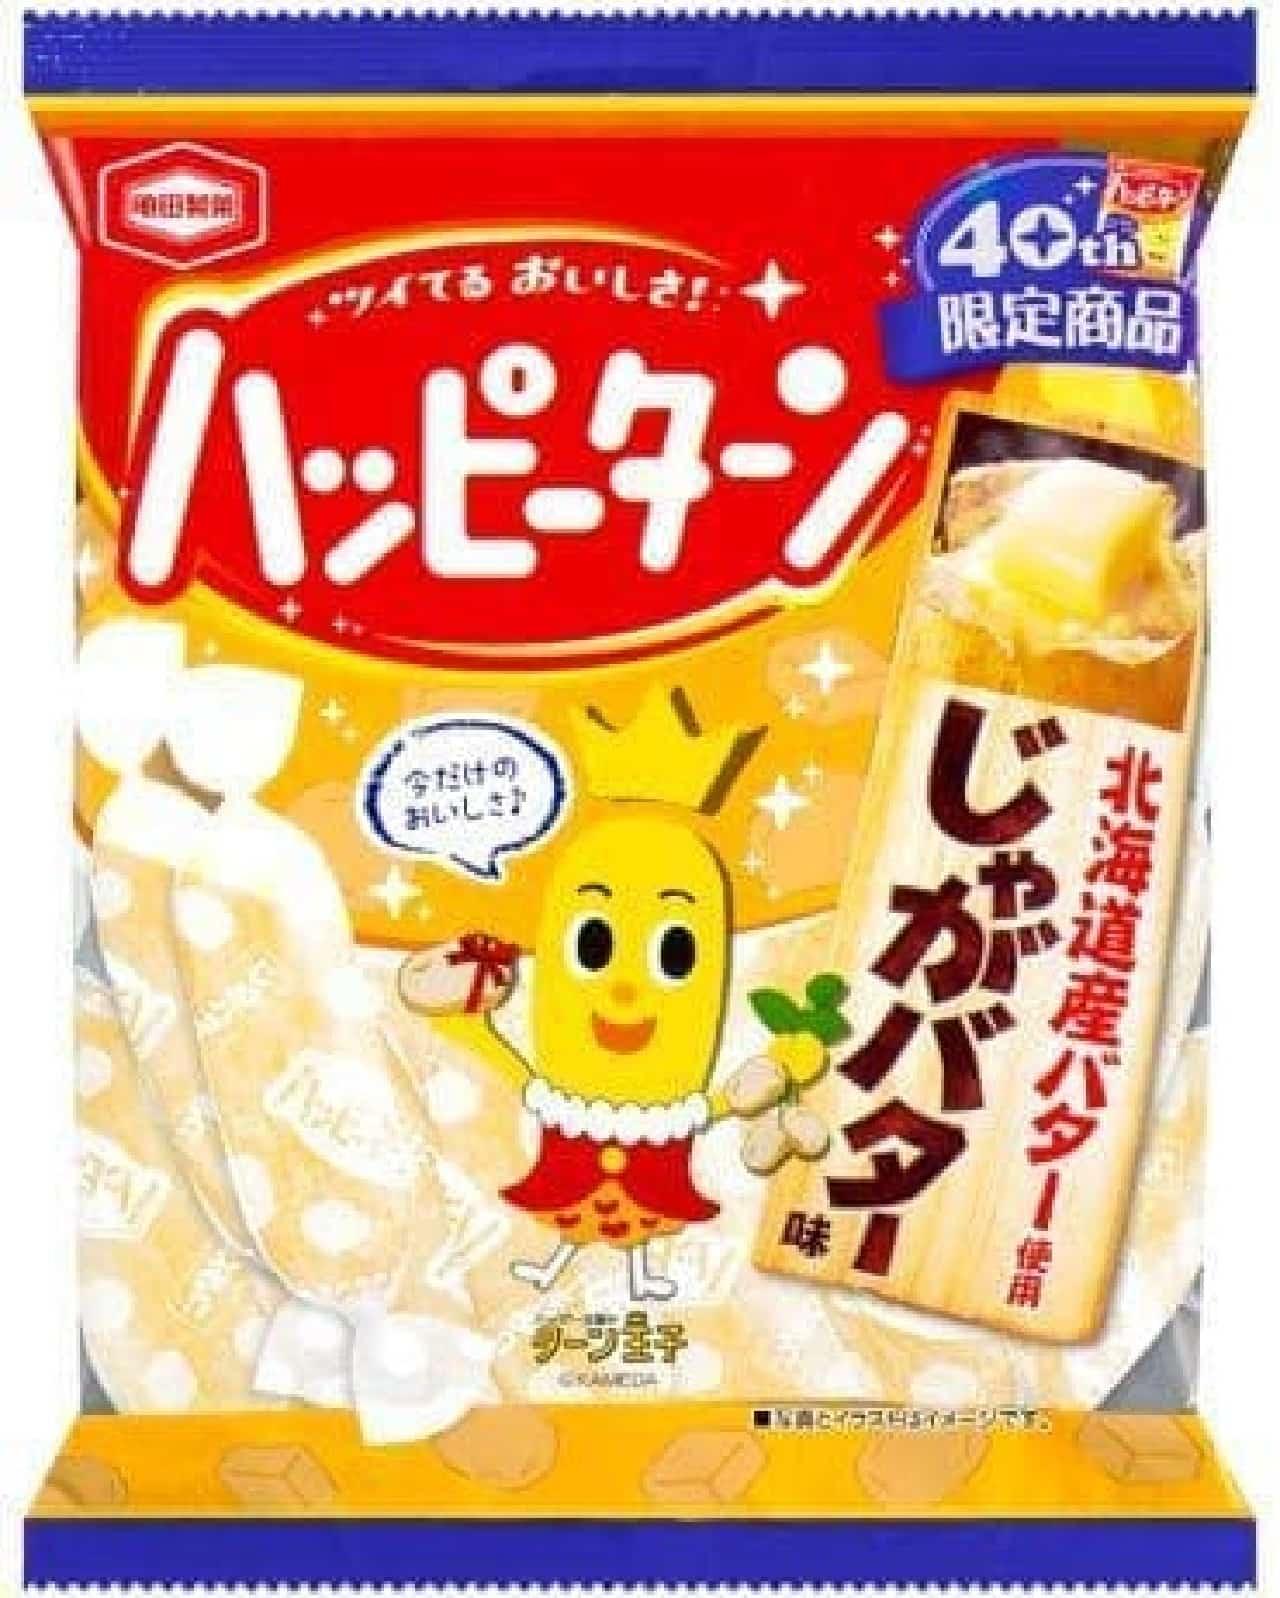 亀田製菓「96g ハッピーターン じゃがバター味」